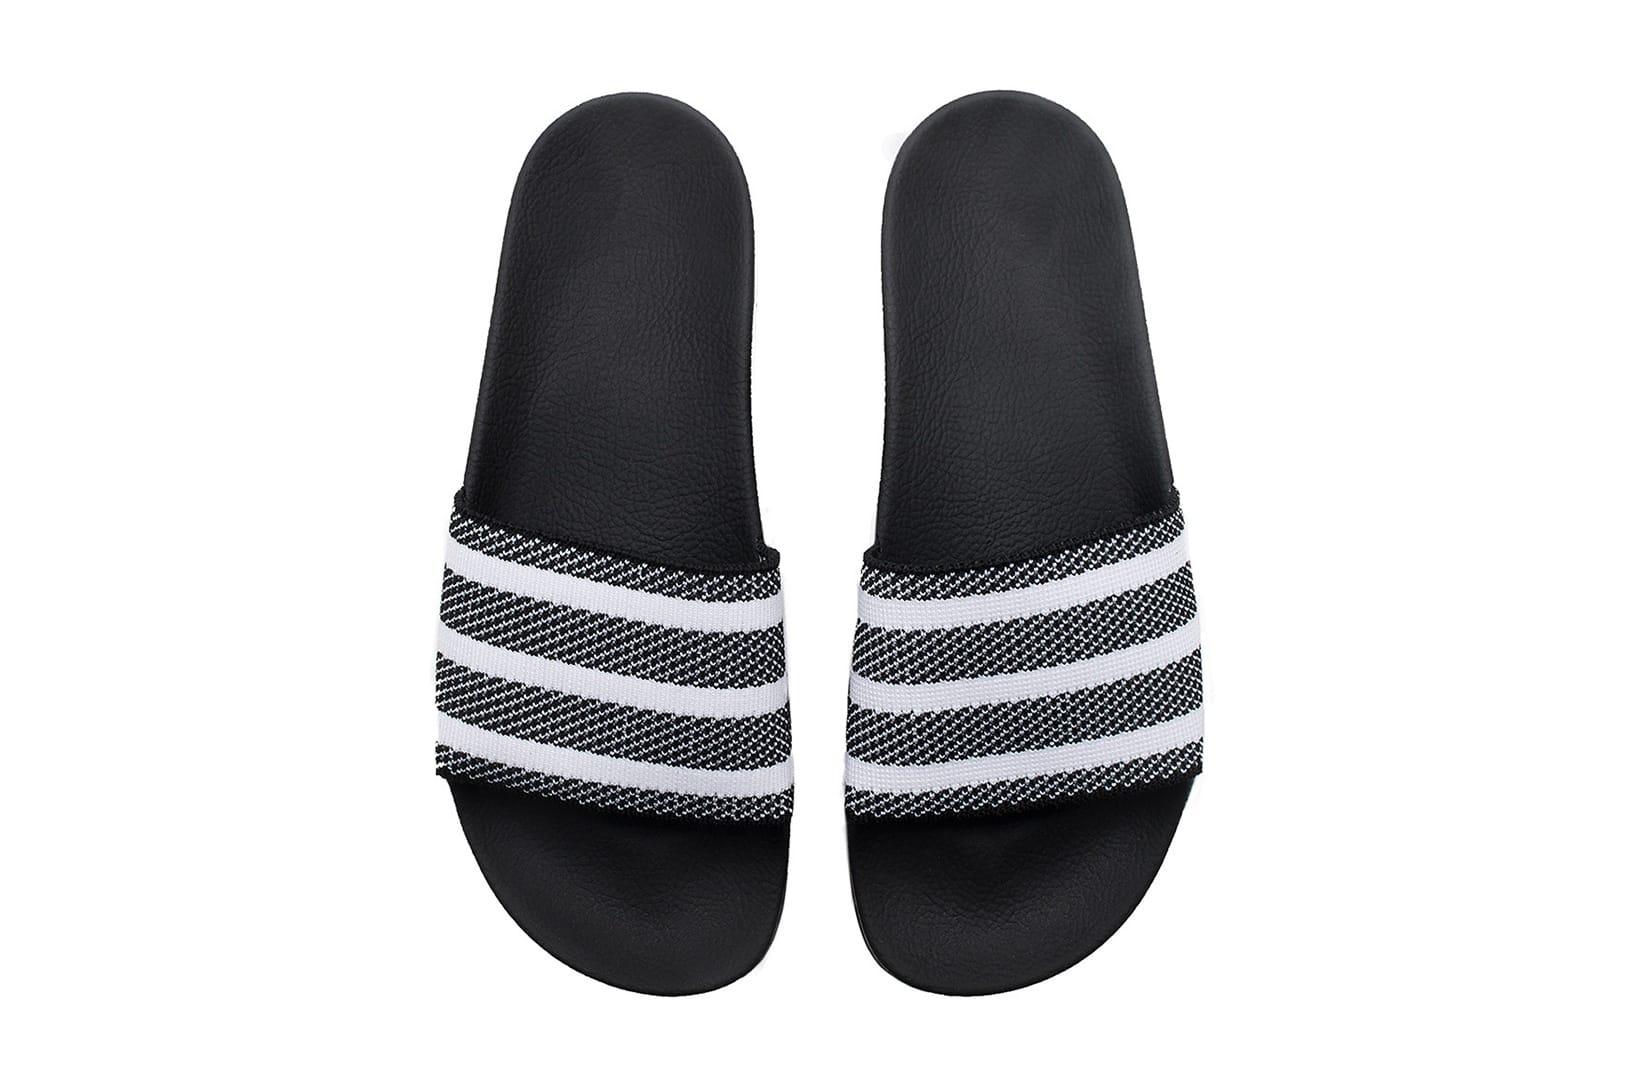 adidas 推出Primeknit 版adilette 拖鞋